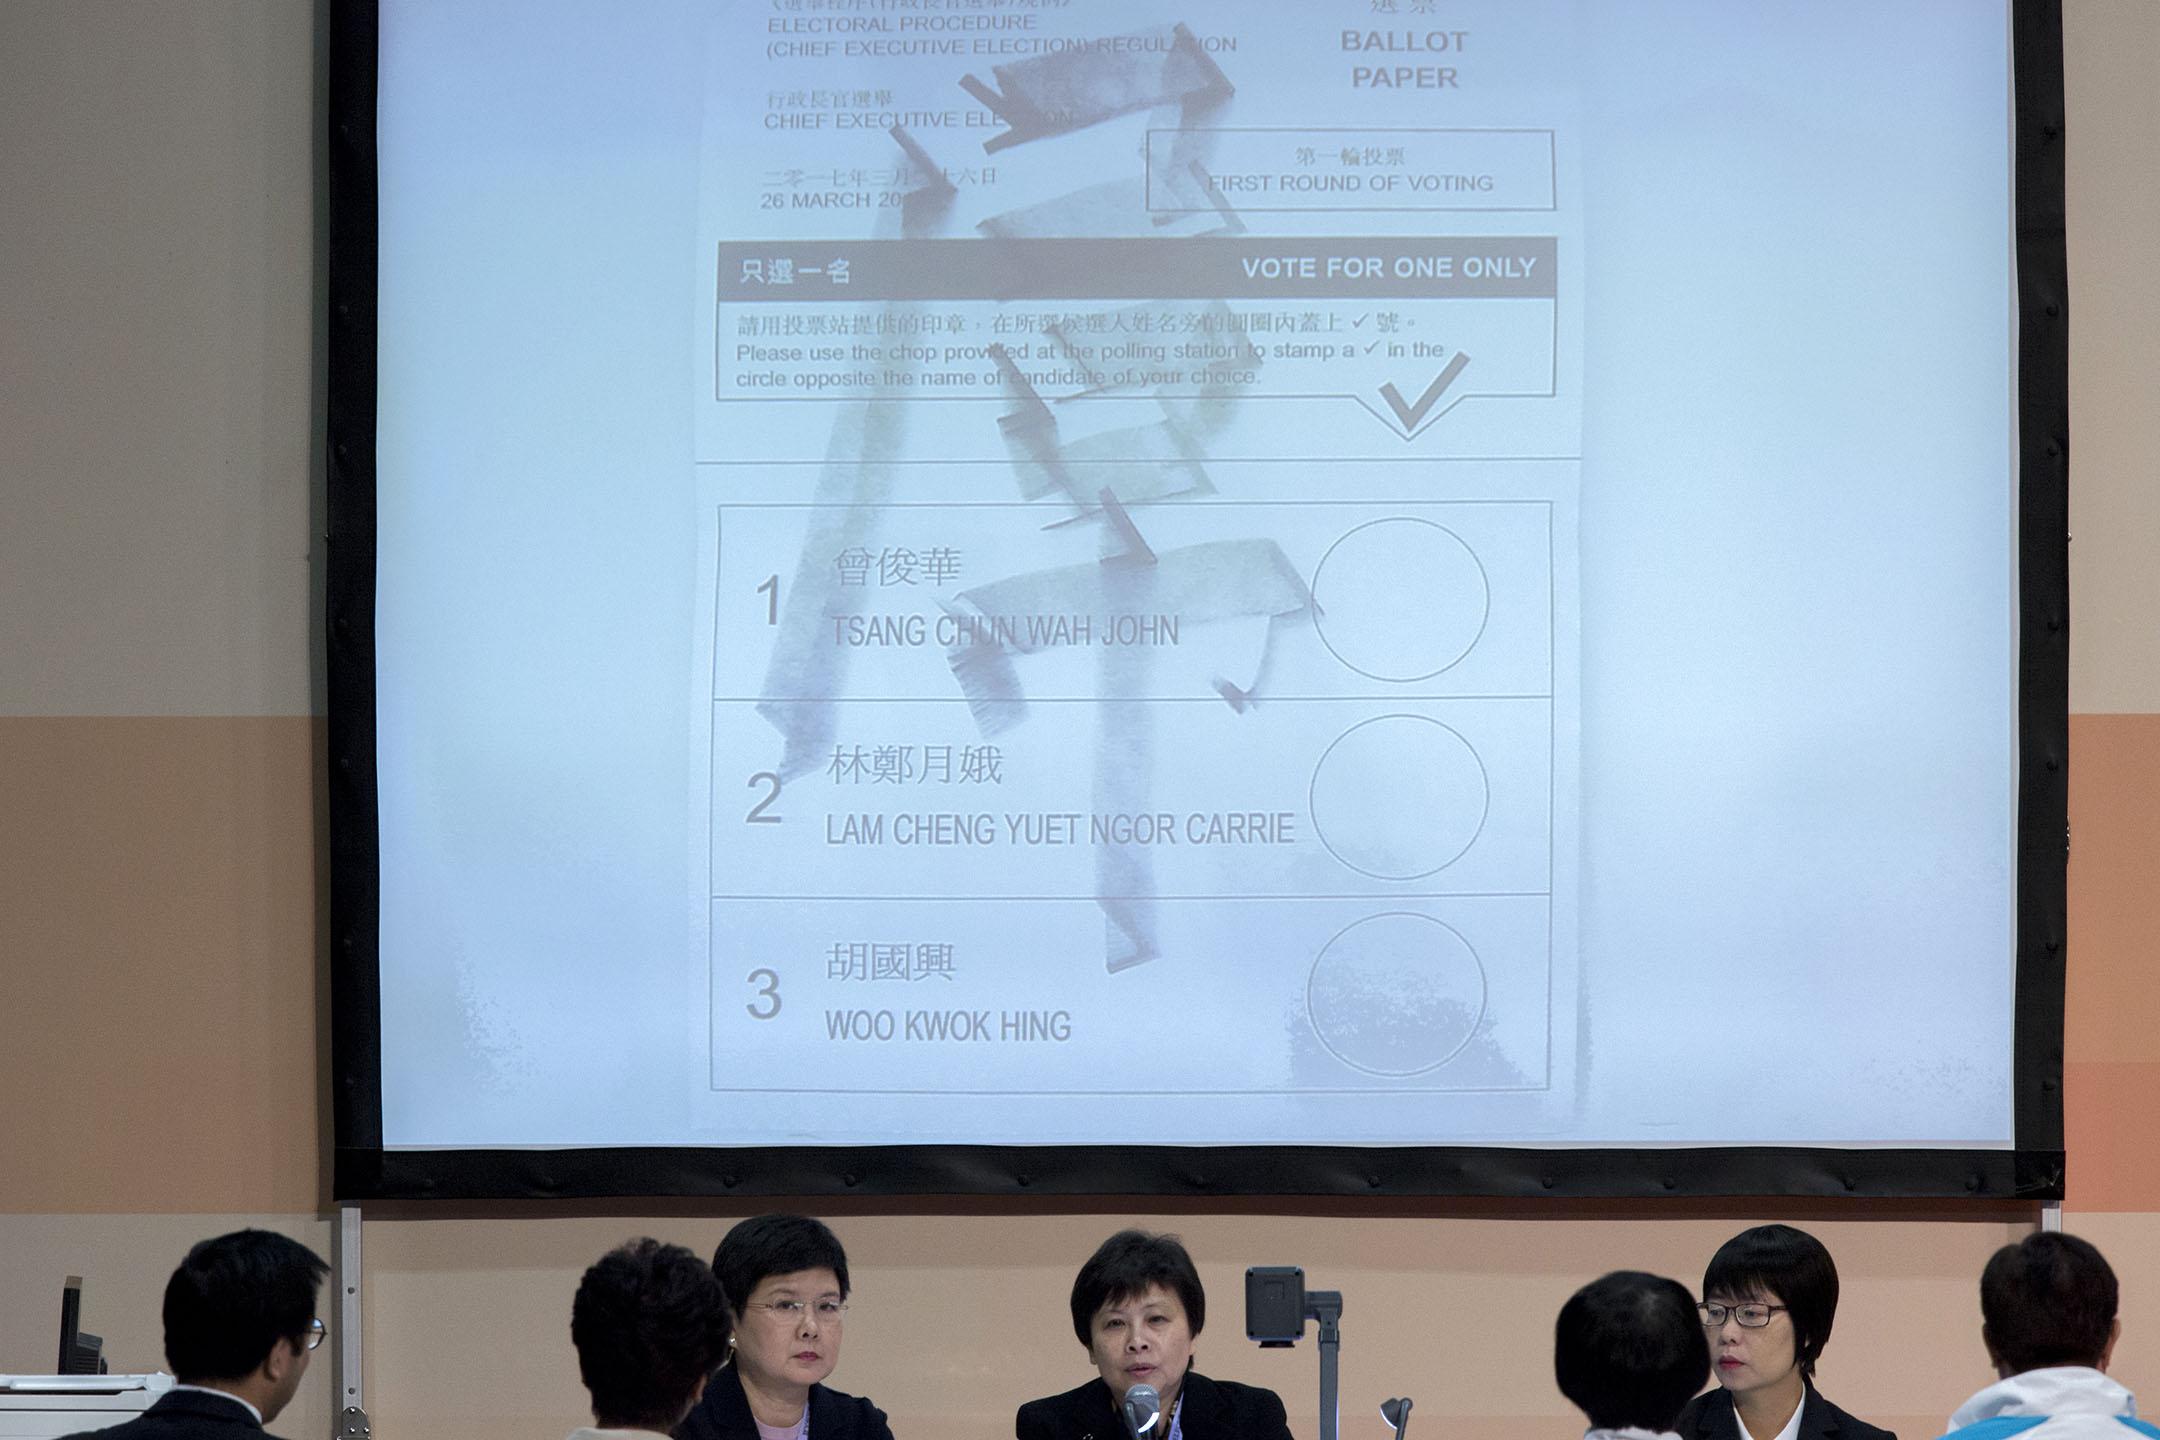 2017年3月26日香港,香港特別行政區行政長官選舉日,有選委在選票上寫上粗口。 攝:林振東/端傳媒